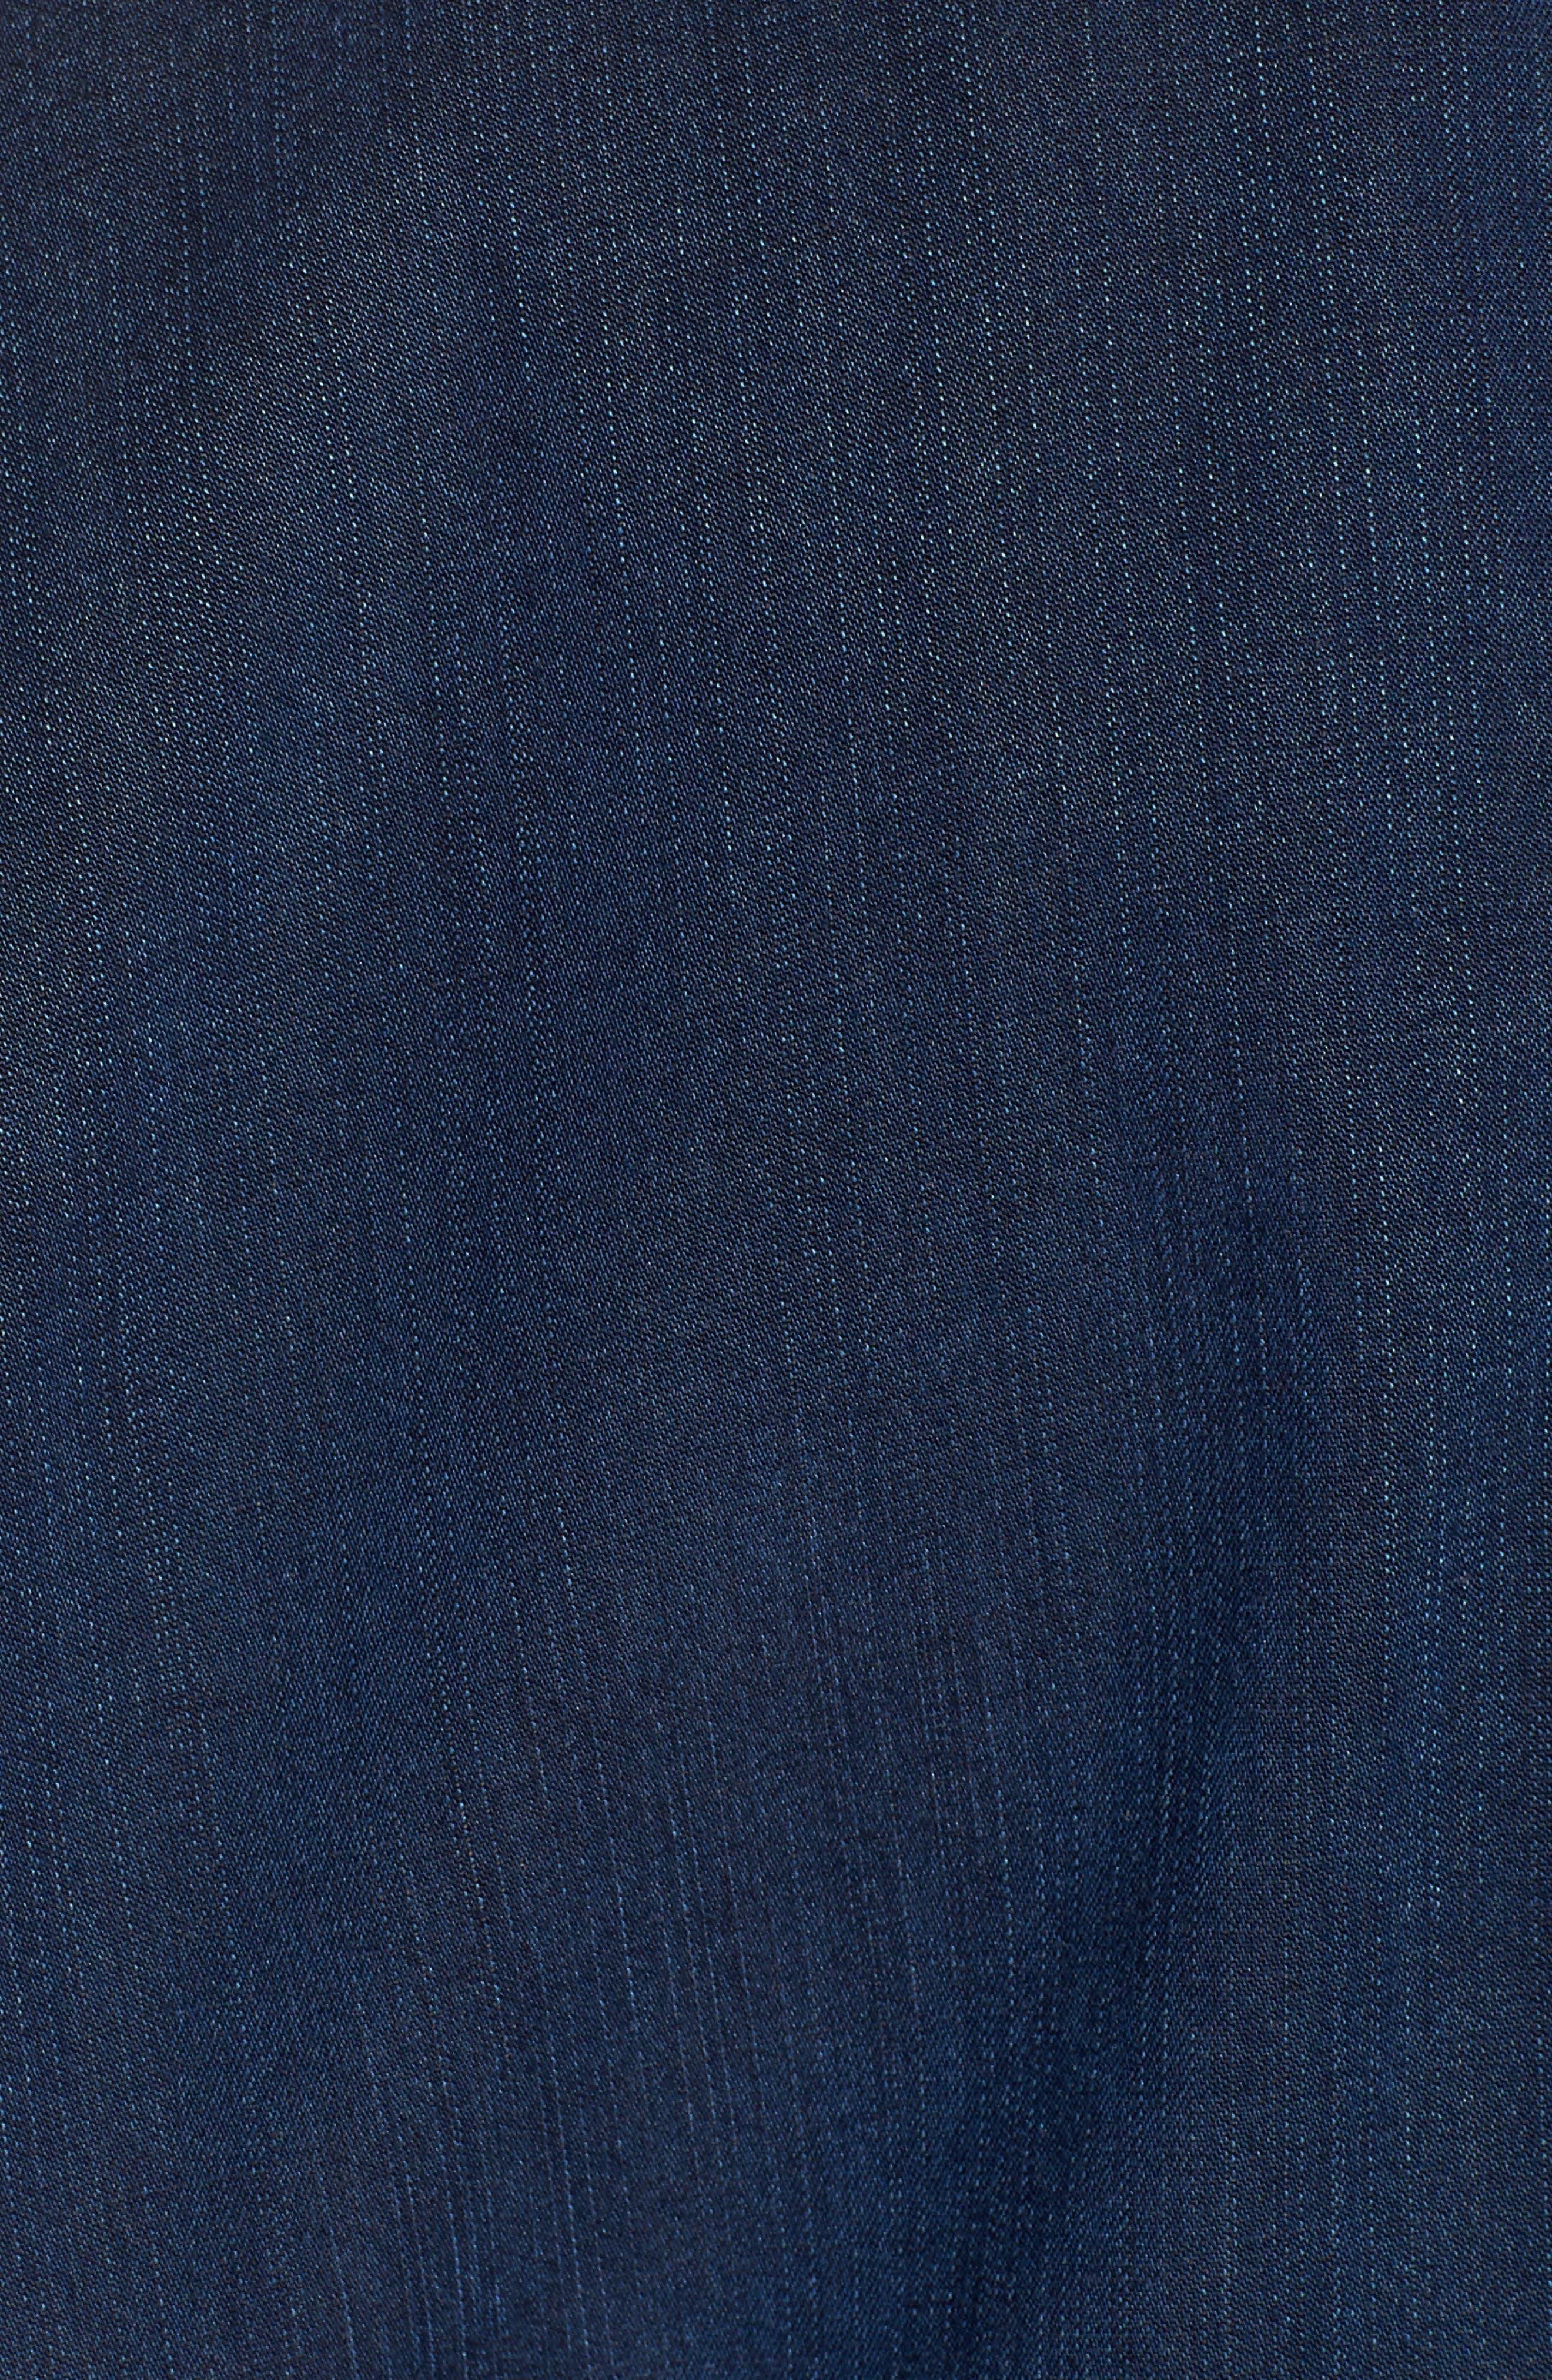 Soft Cotton Blend Denim Jacket,                             Alternate thumbnail 7, color,                             419